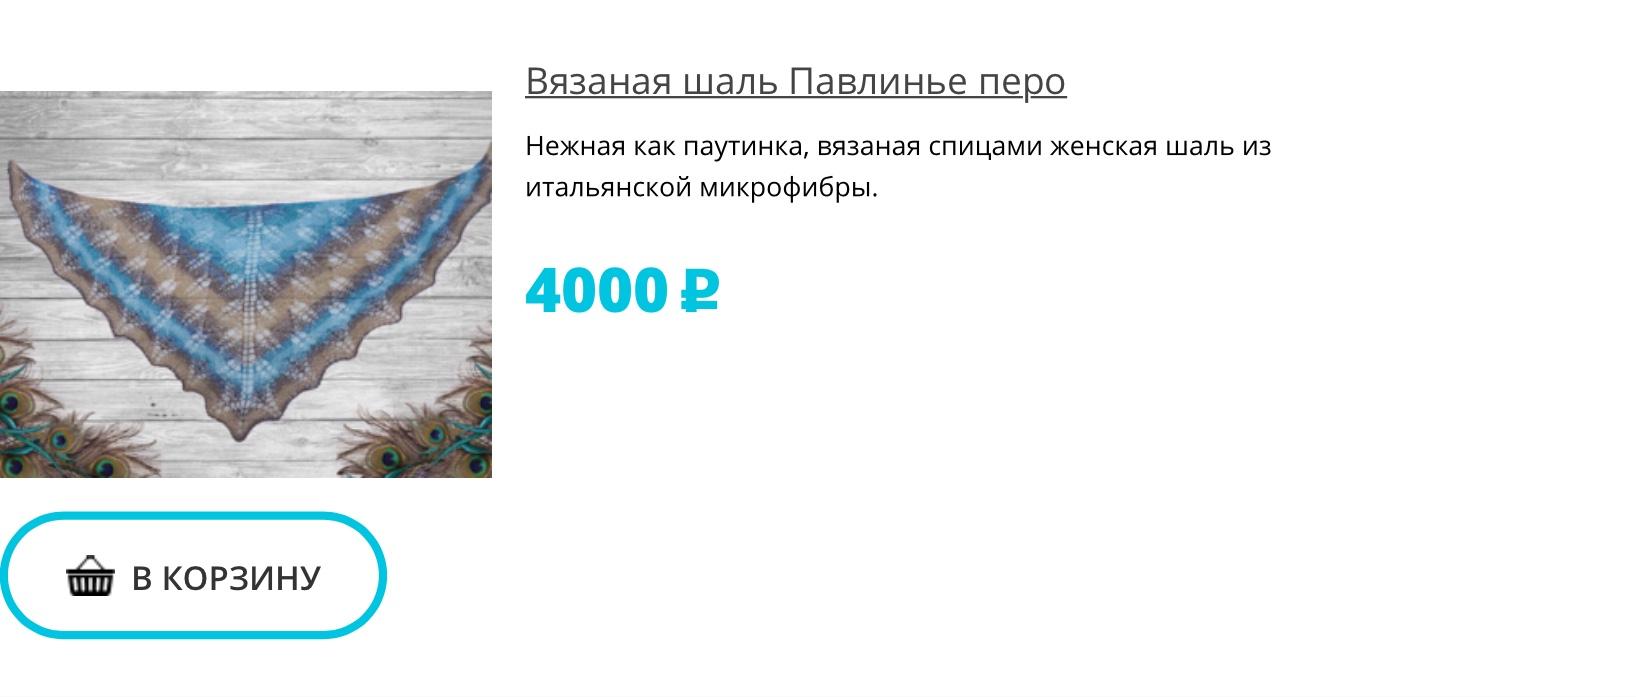 54EBF235-C753-4BAA-B4ED-045809922858.jpeg